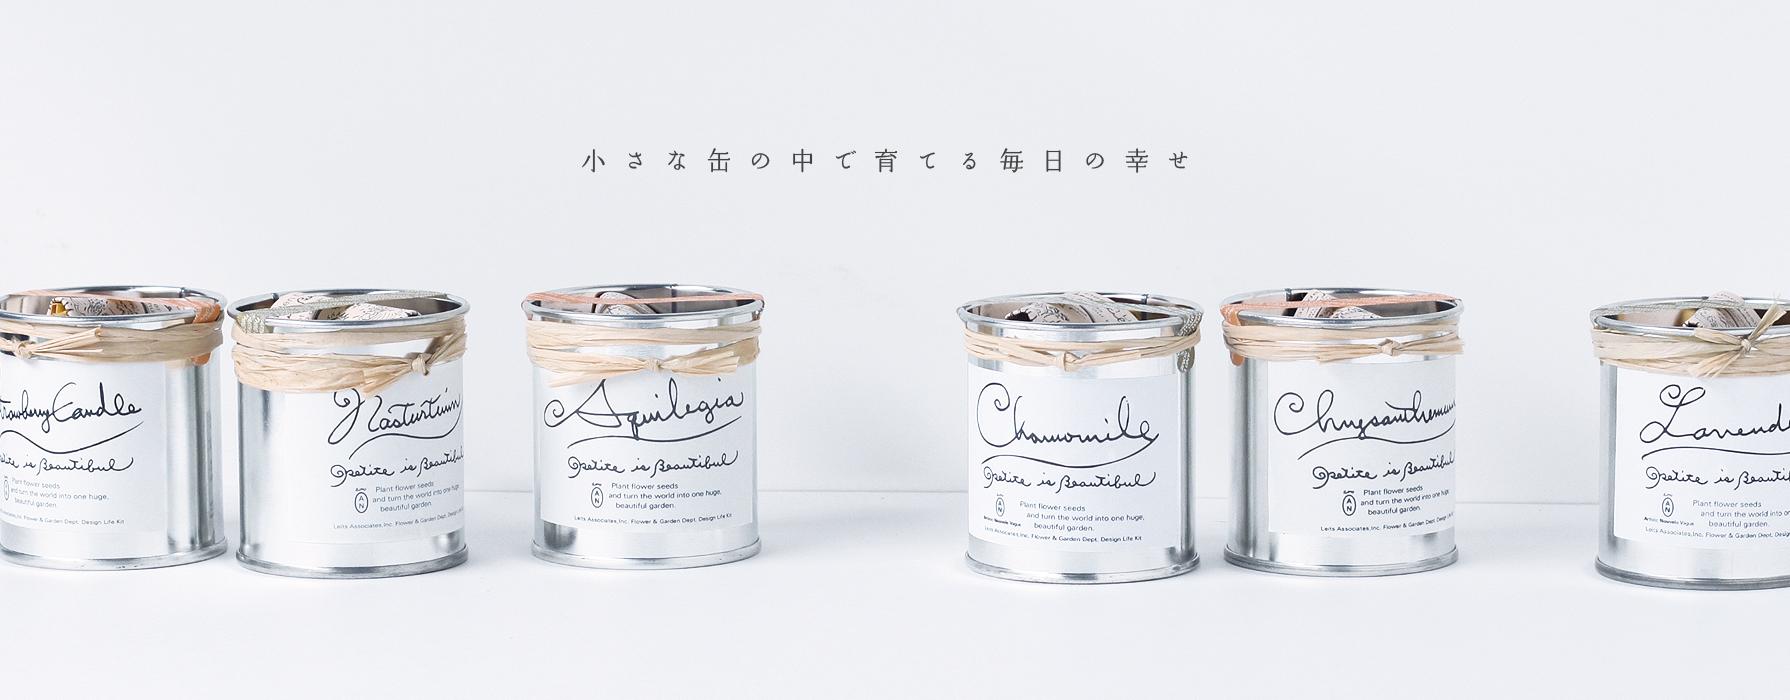 ガーデニング雑貨花の缶の集合写真